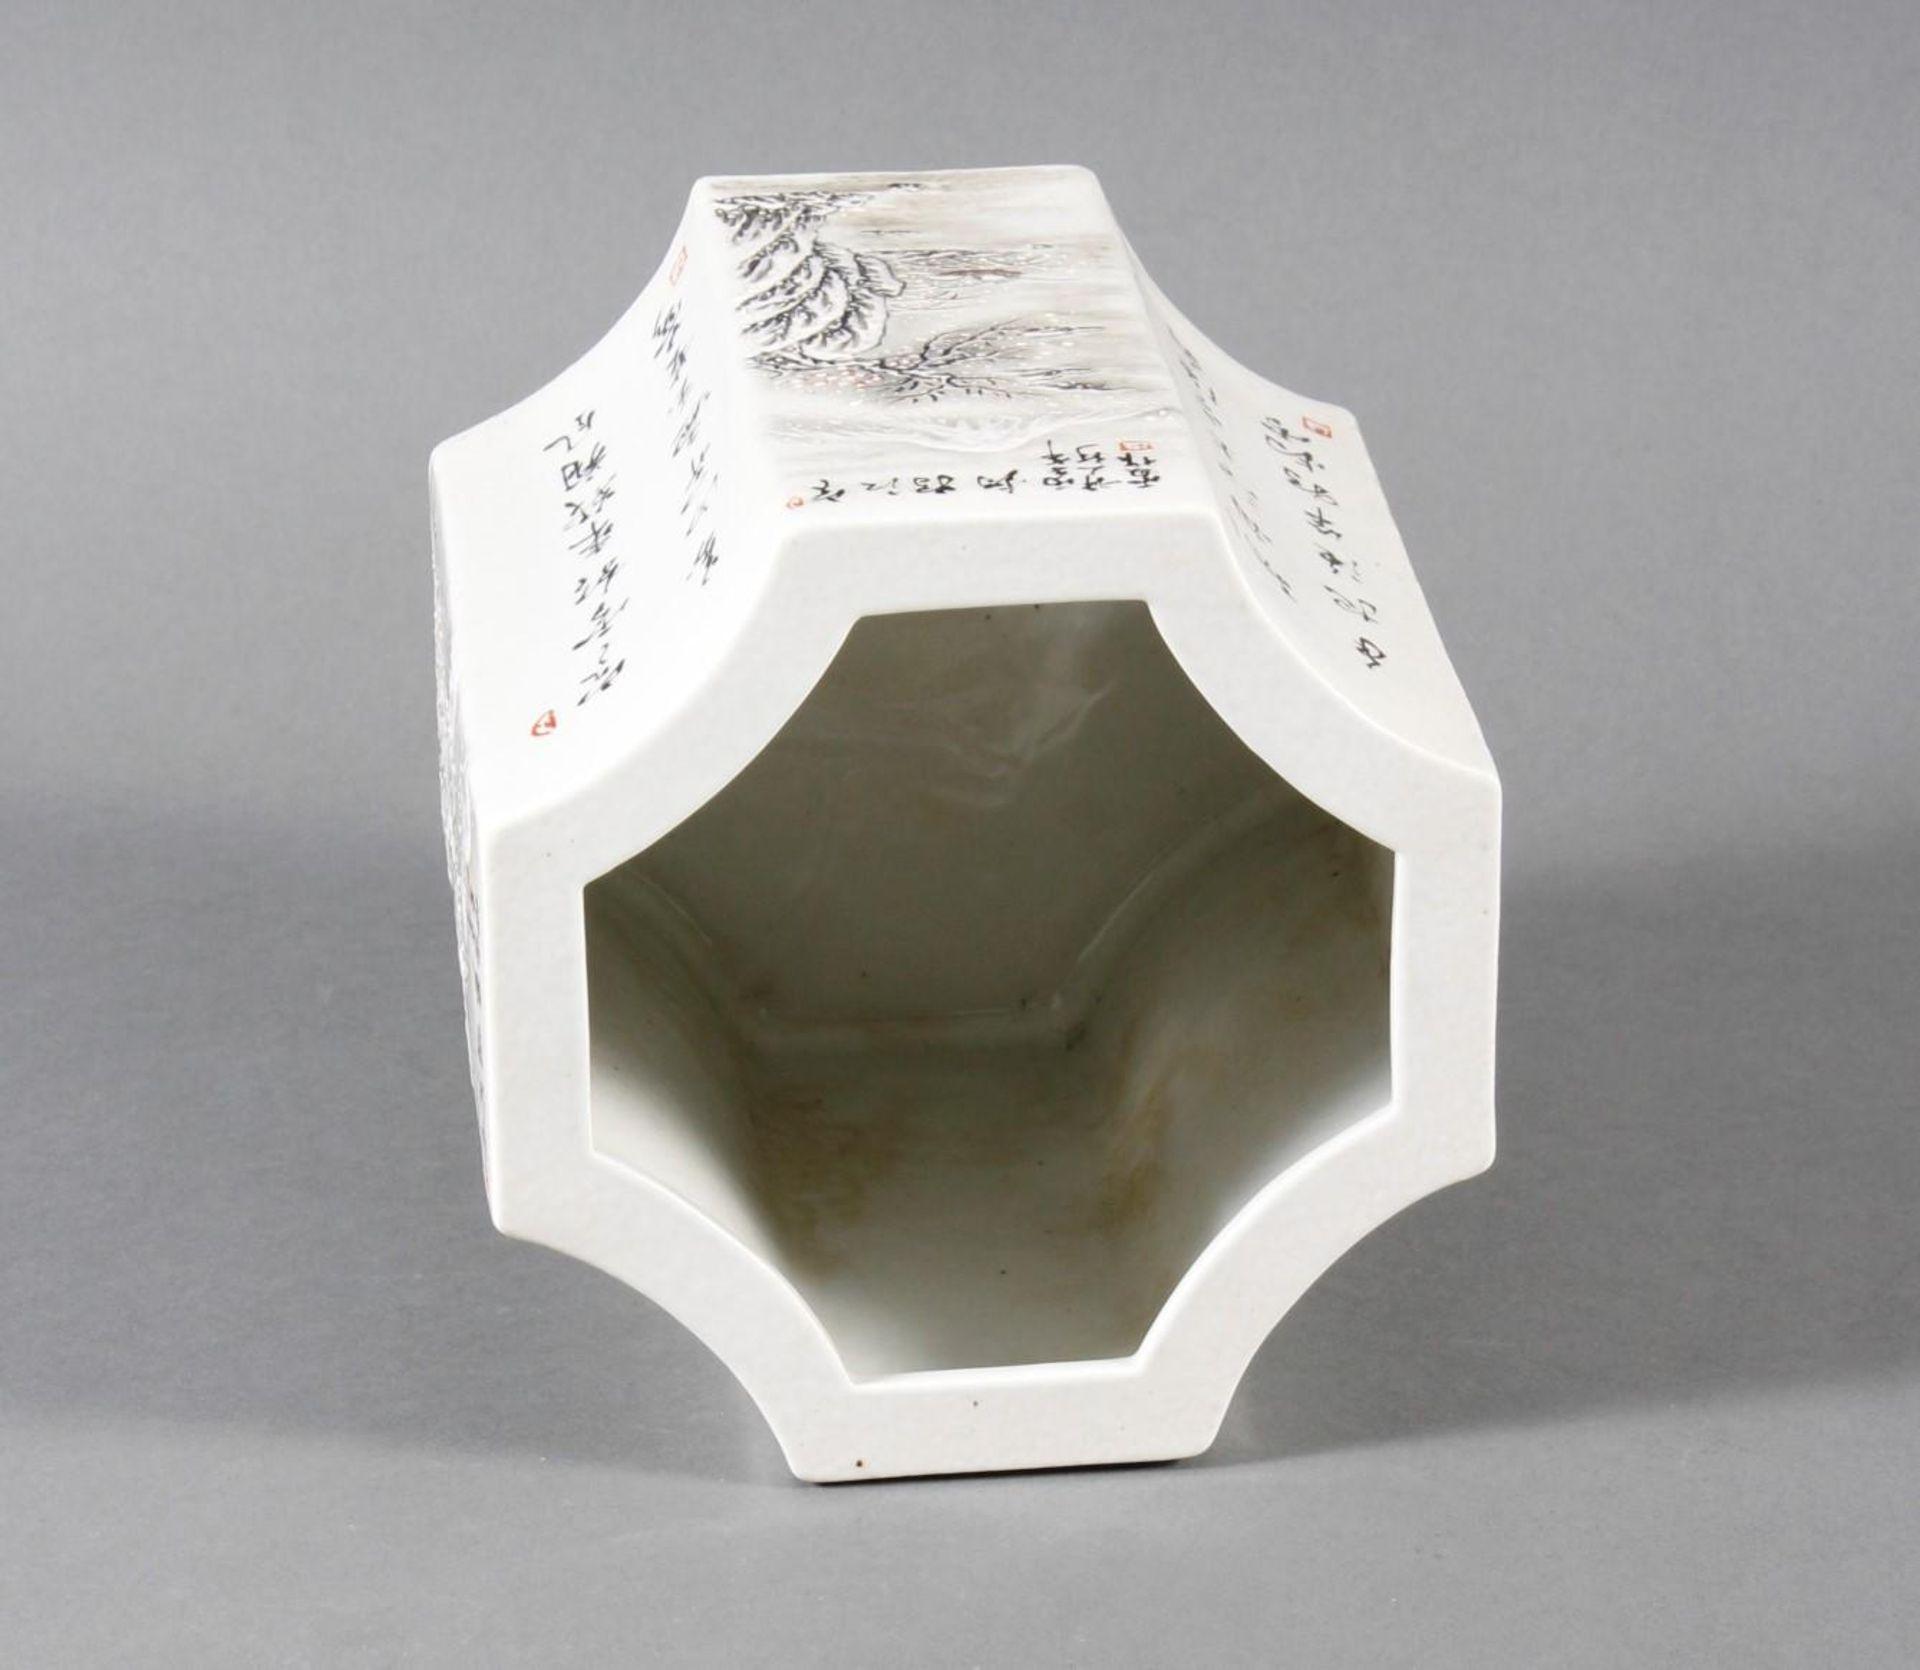 Porzellan-Pinselbehälter, China, Mitte 20. Jahrhundert - Bild 14 aus 15